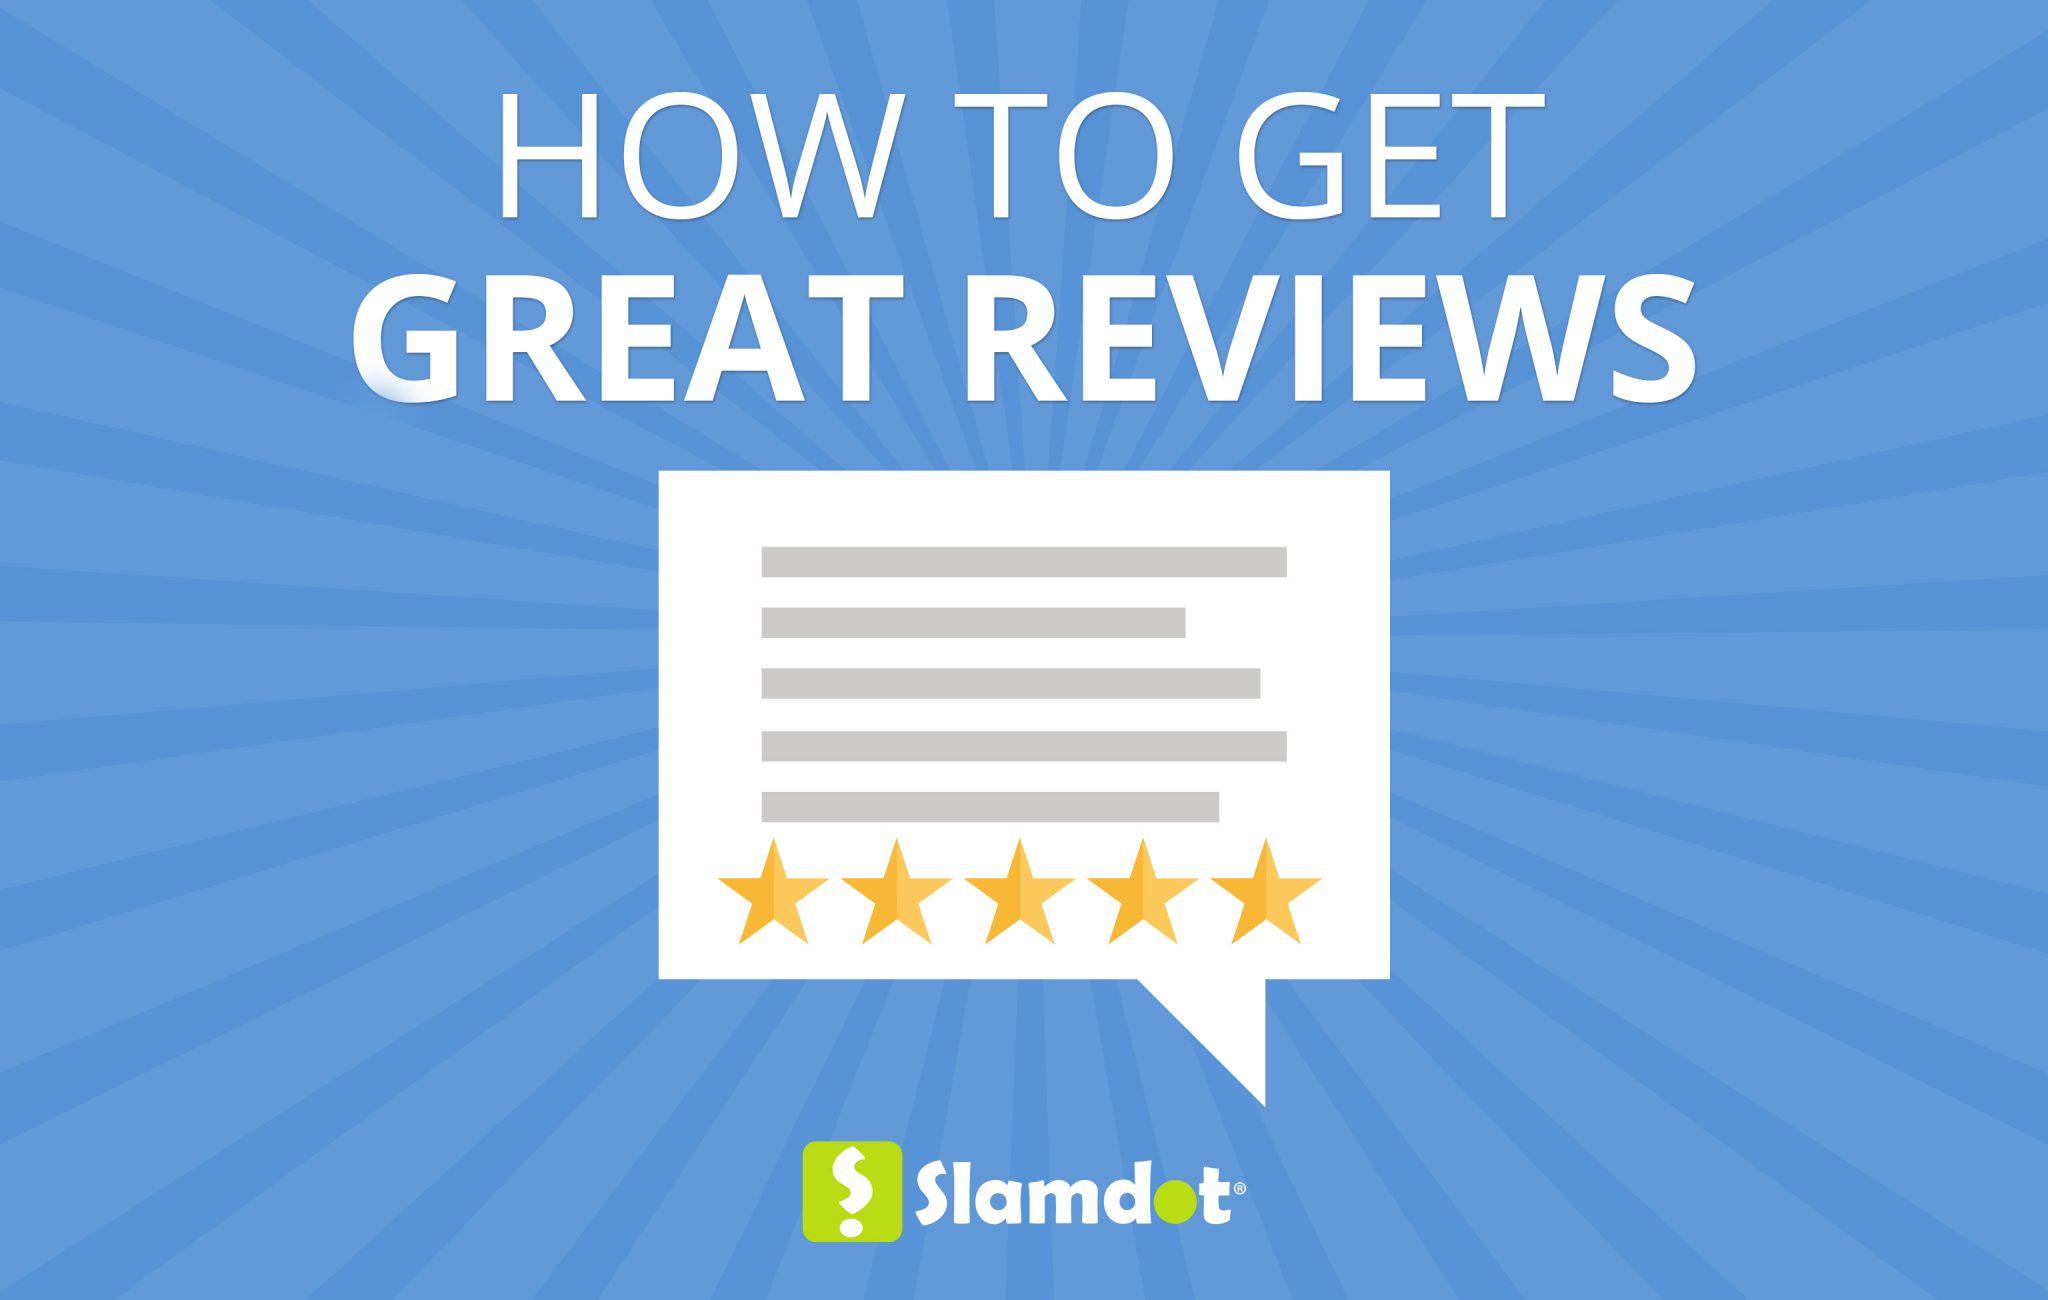 tipos de contenidos para incrementar visitas: reviews